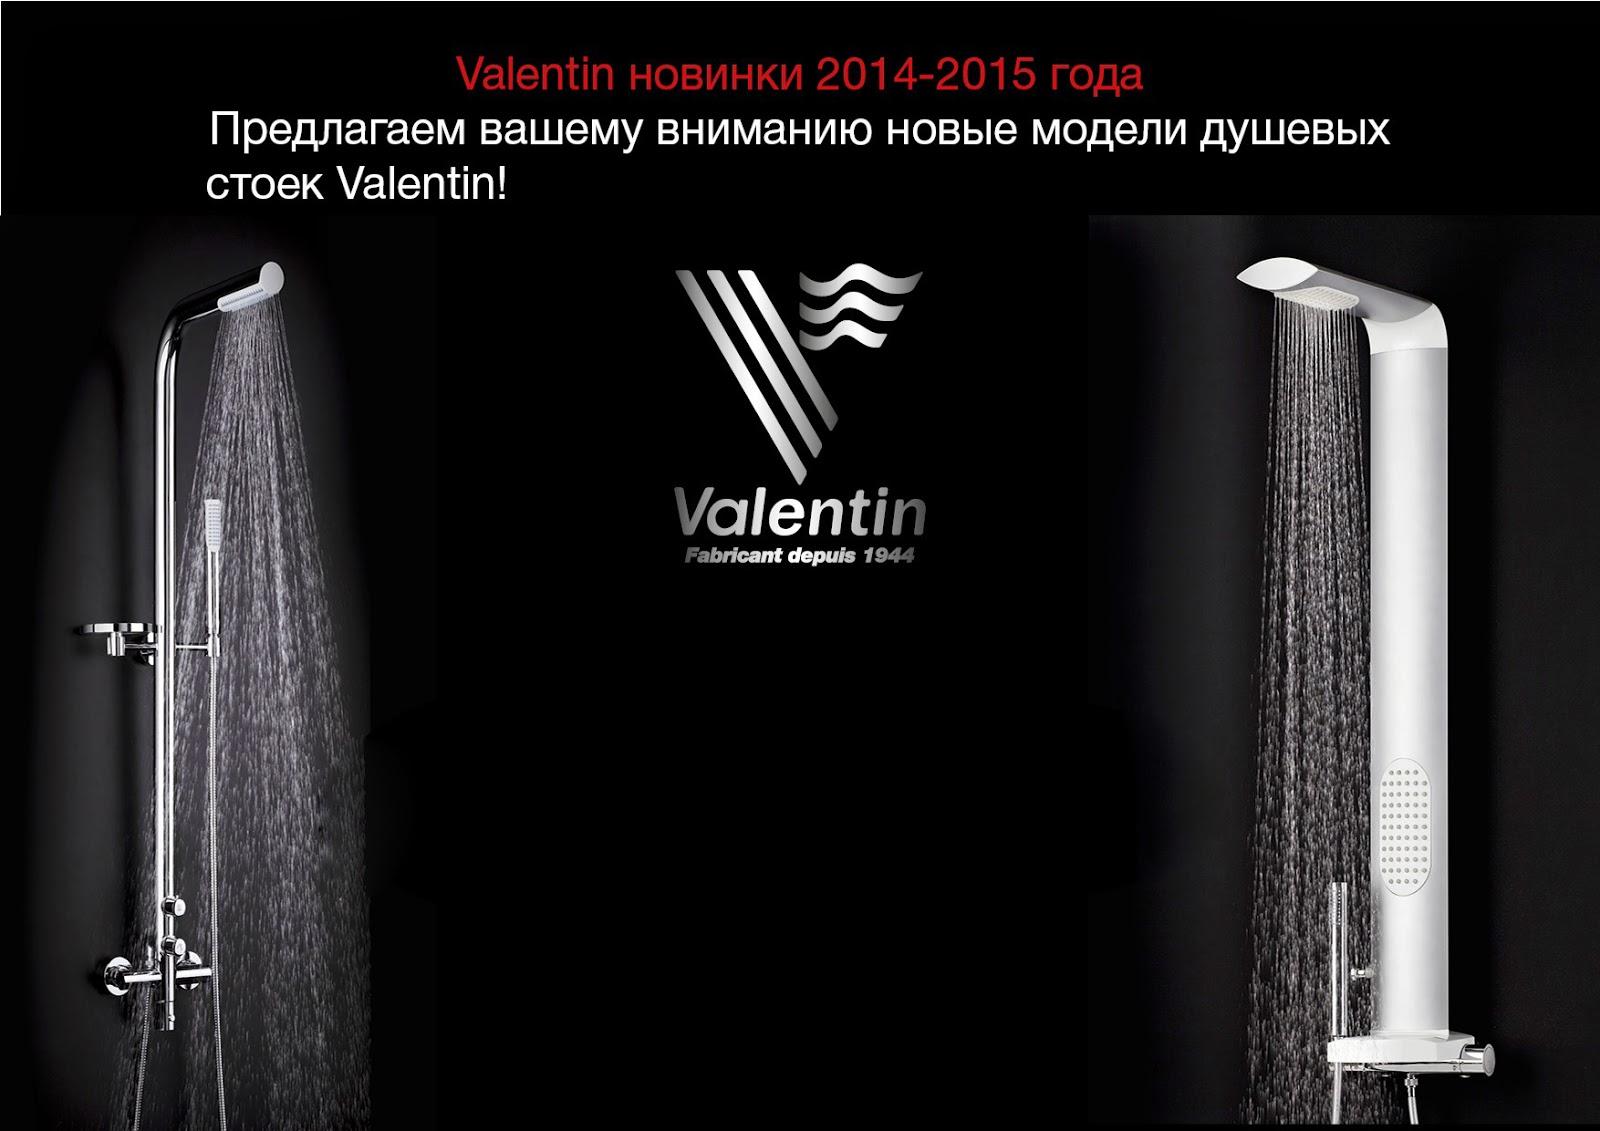 Новинки Valentin 2014/15: Allure и Is'me